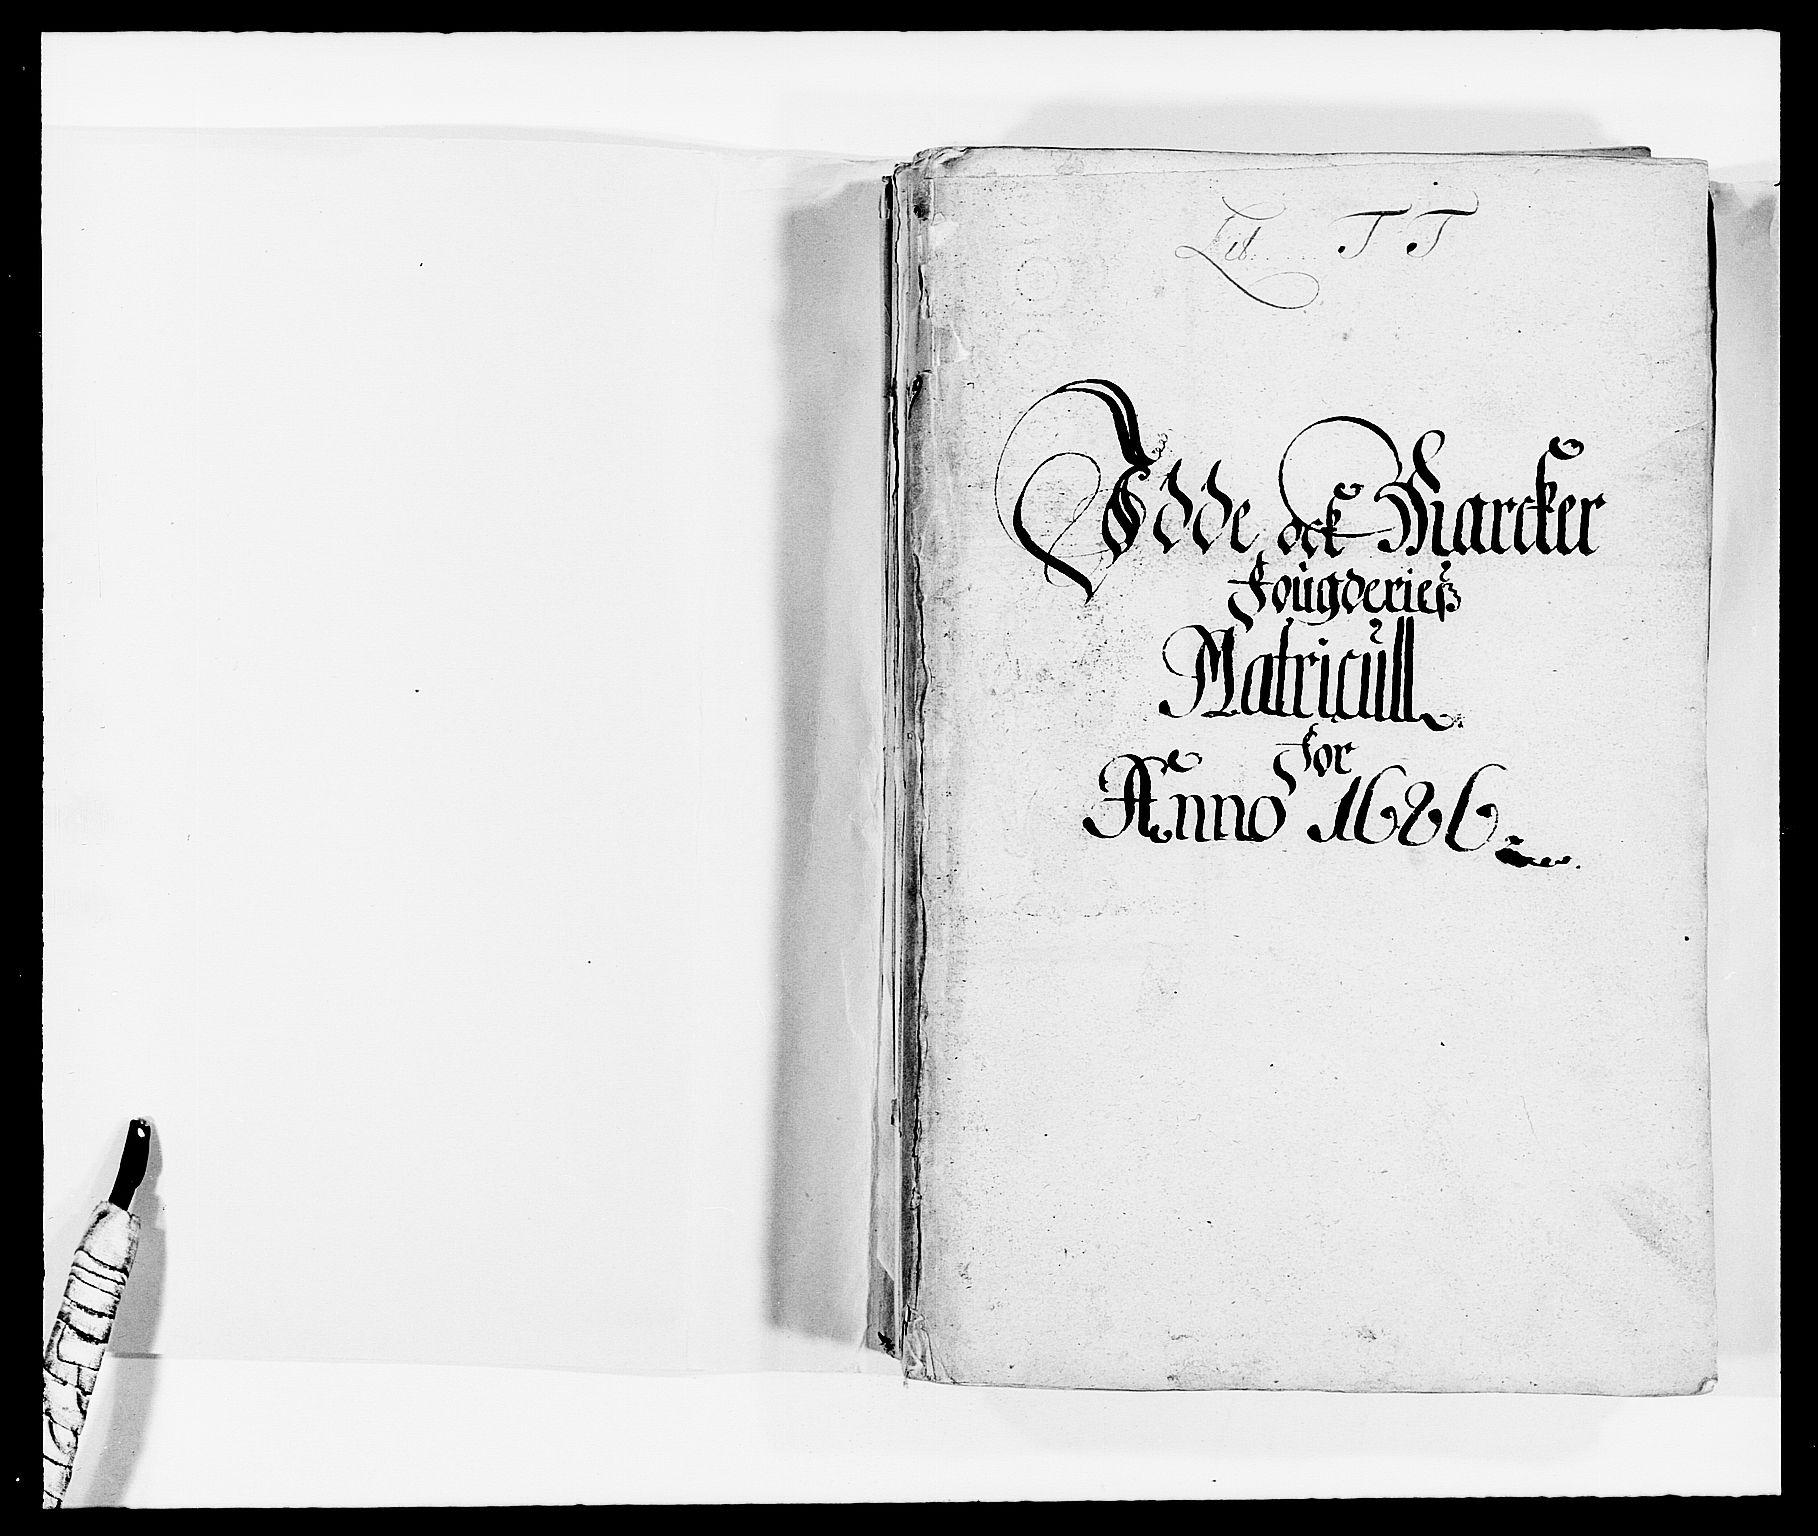 RA, Rentekammeret inntil 1814, Reviderte regnskaper, Fogderegnskap, R01/L0006: Fogderegnskap Idd og Marker, 1685-1686, s. 220